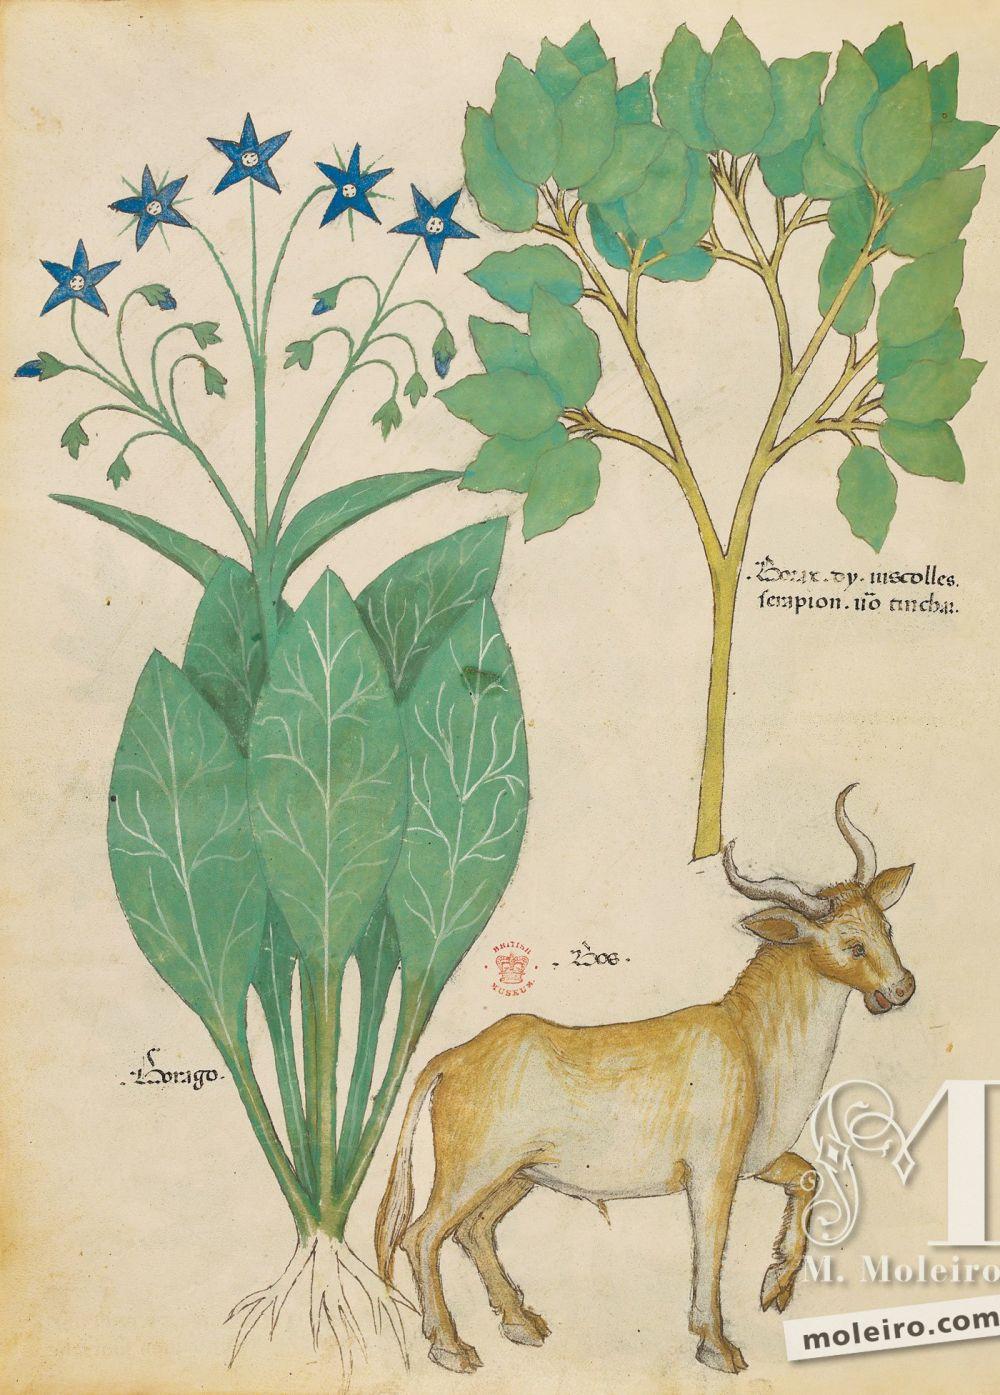 Tratado de plantas medicinales. Tractatus de Herbis -Sloane 4016 f. 19v:Borax; borraja; buey